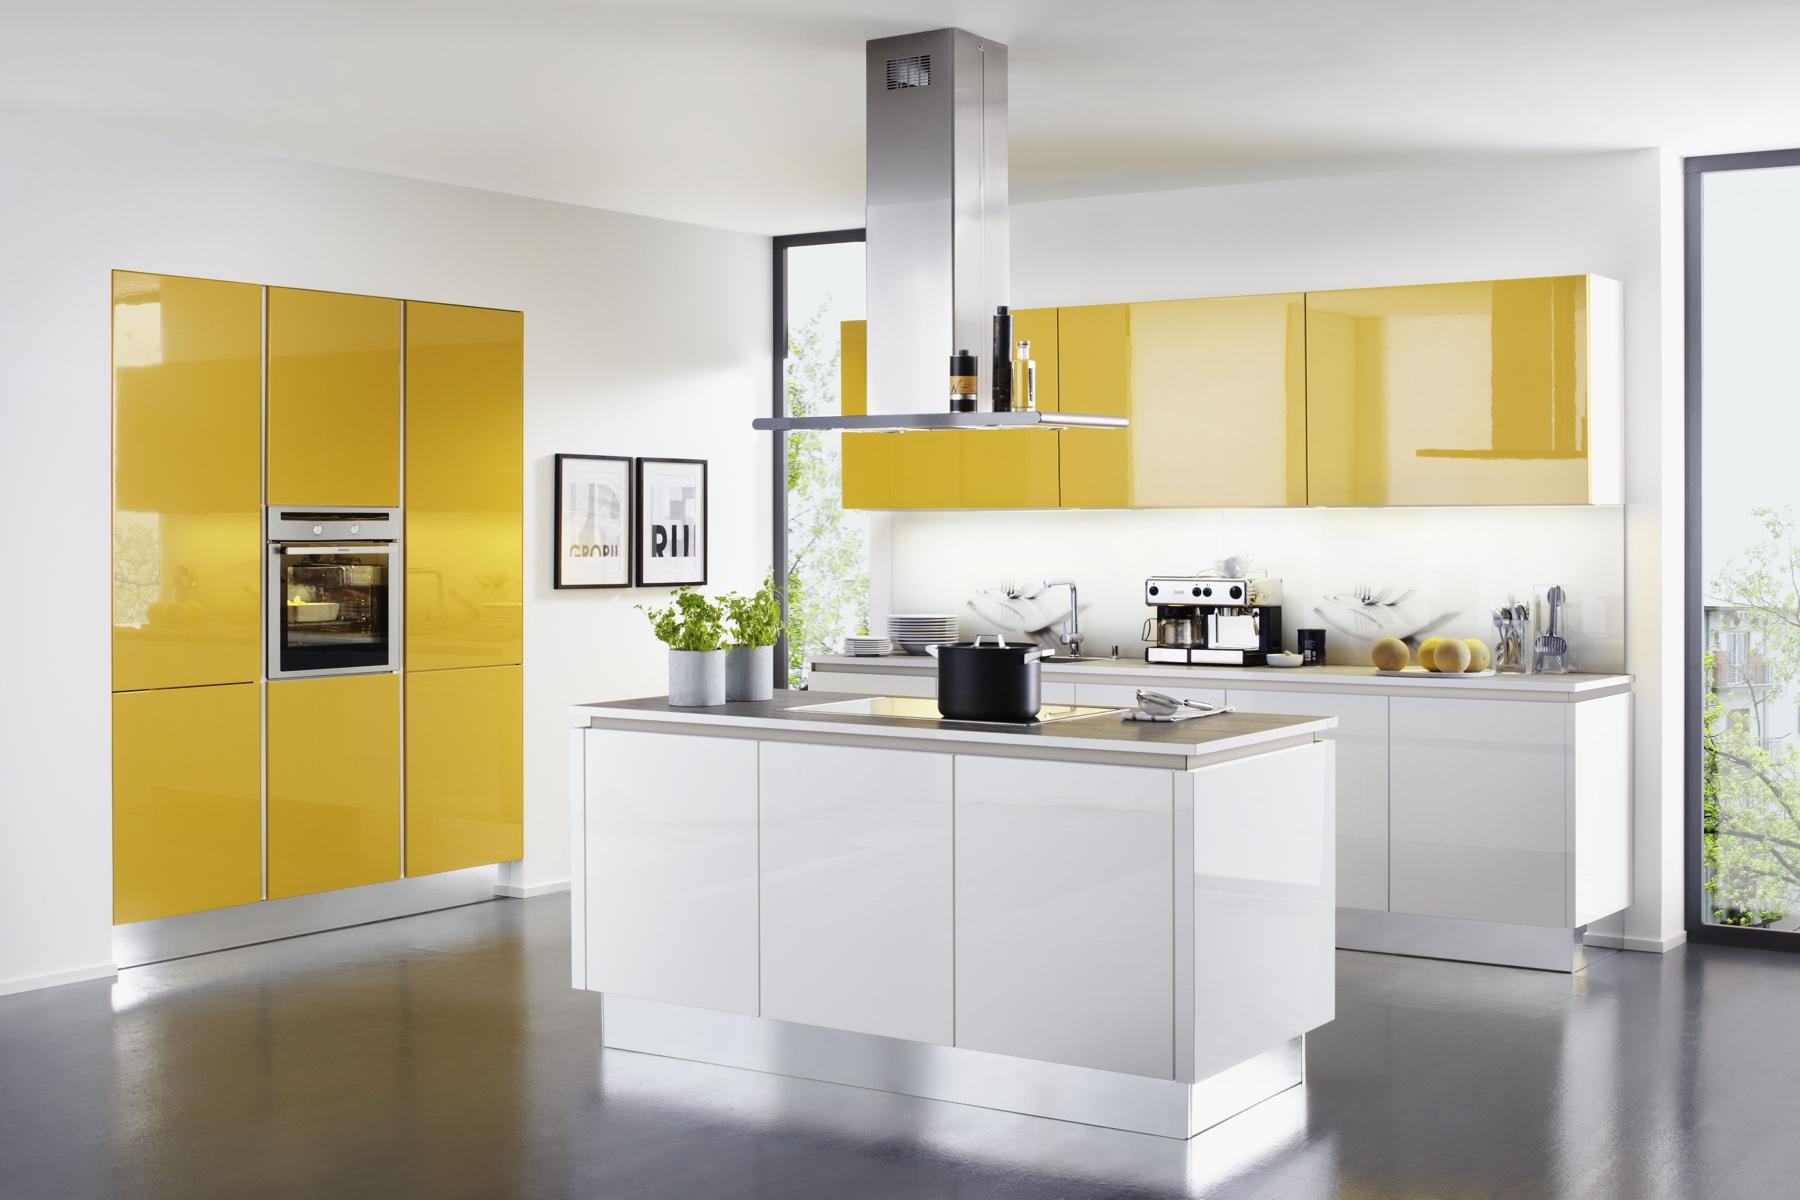 Groß Küche Renovieren Budgetplaner Galerie - Ideen Für Die Küche ...